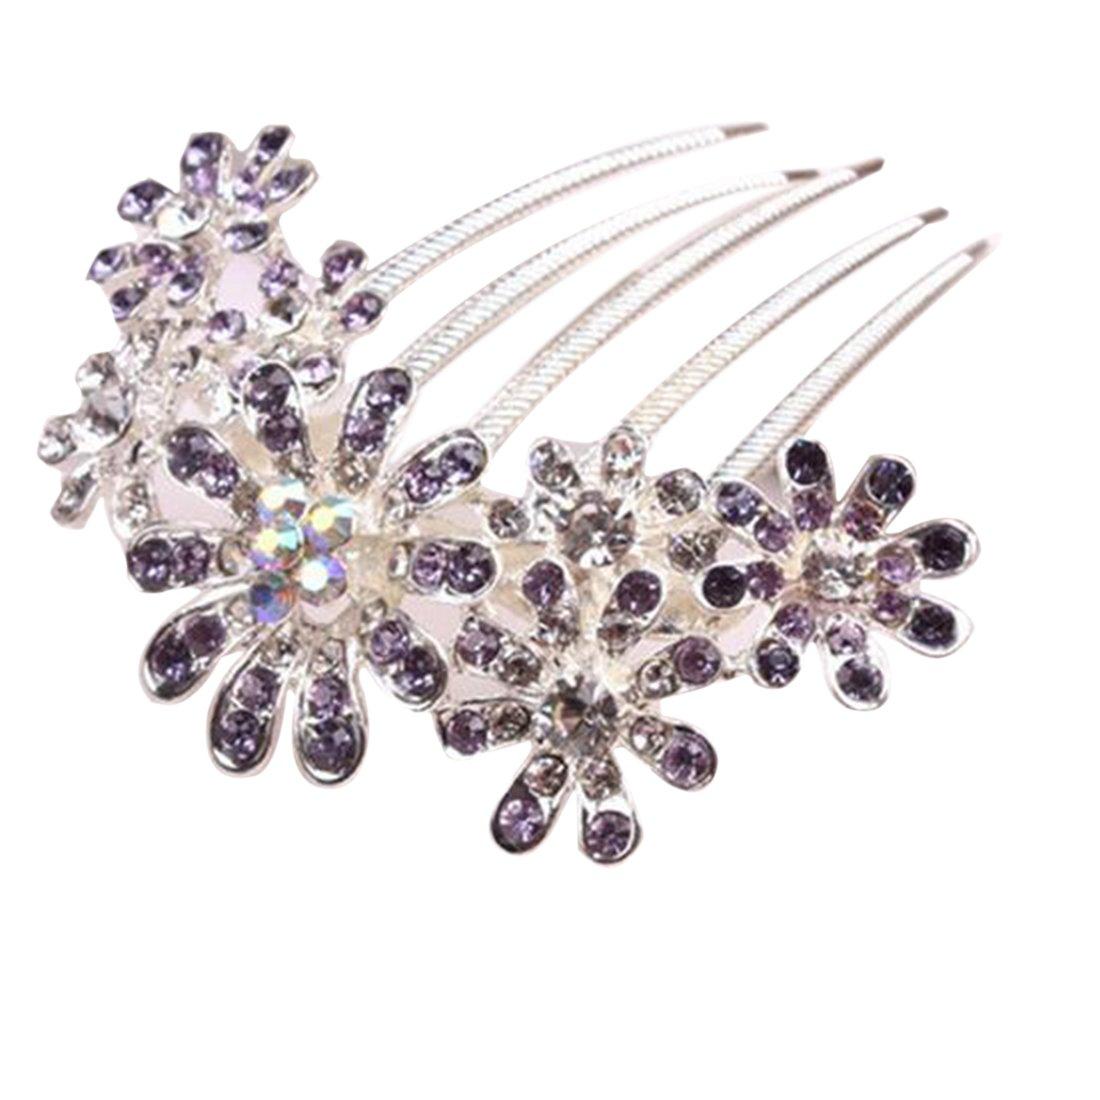 Las mujeres hermoso cristal Rhinestone Decoració n de pé talos Tuck peine de pelo Clip Pin de flores de color rosa CY-Buity